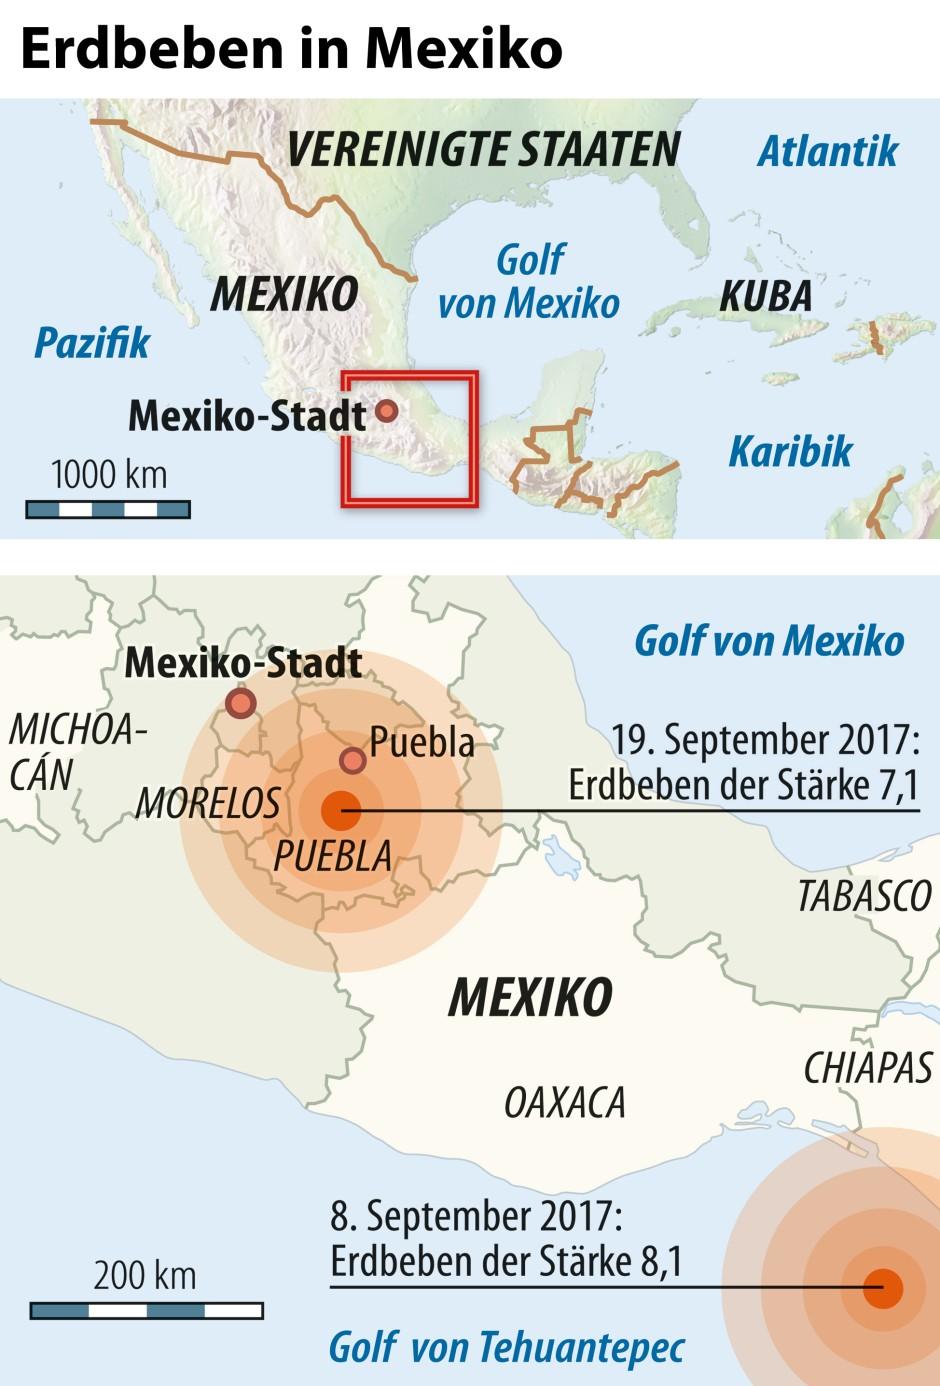 Brief Nach Mexiko Senden : Bilderstrecke zu erdbeben in mexiko suche nach